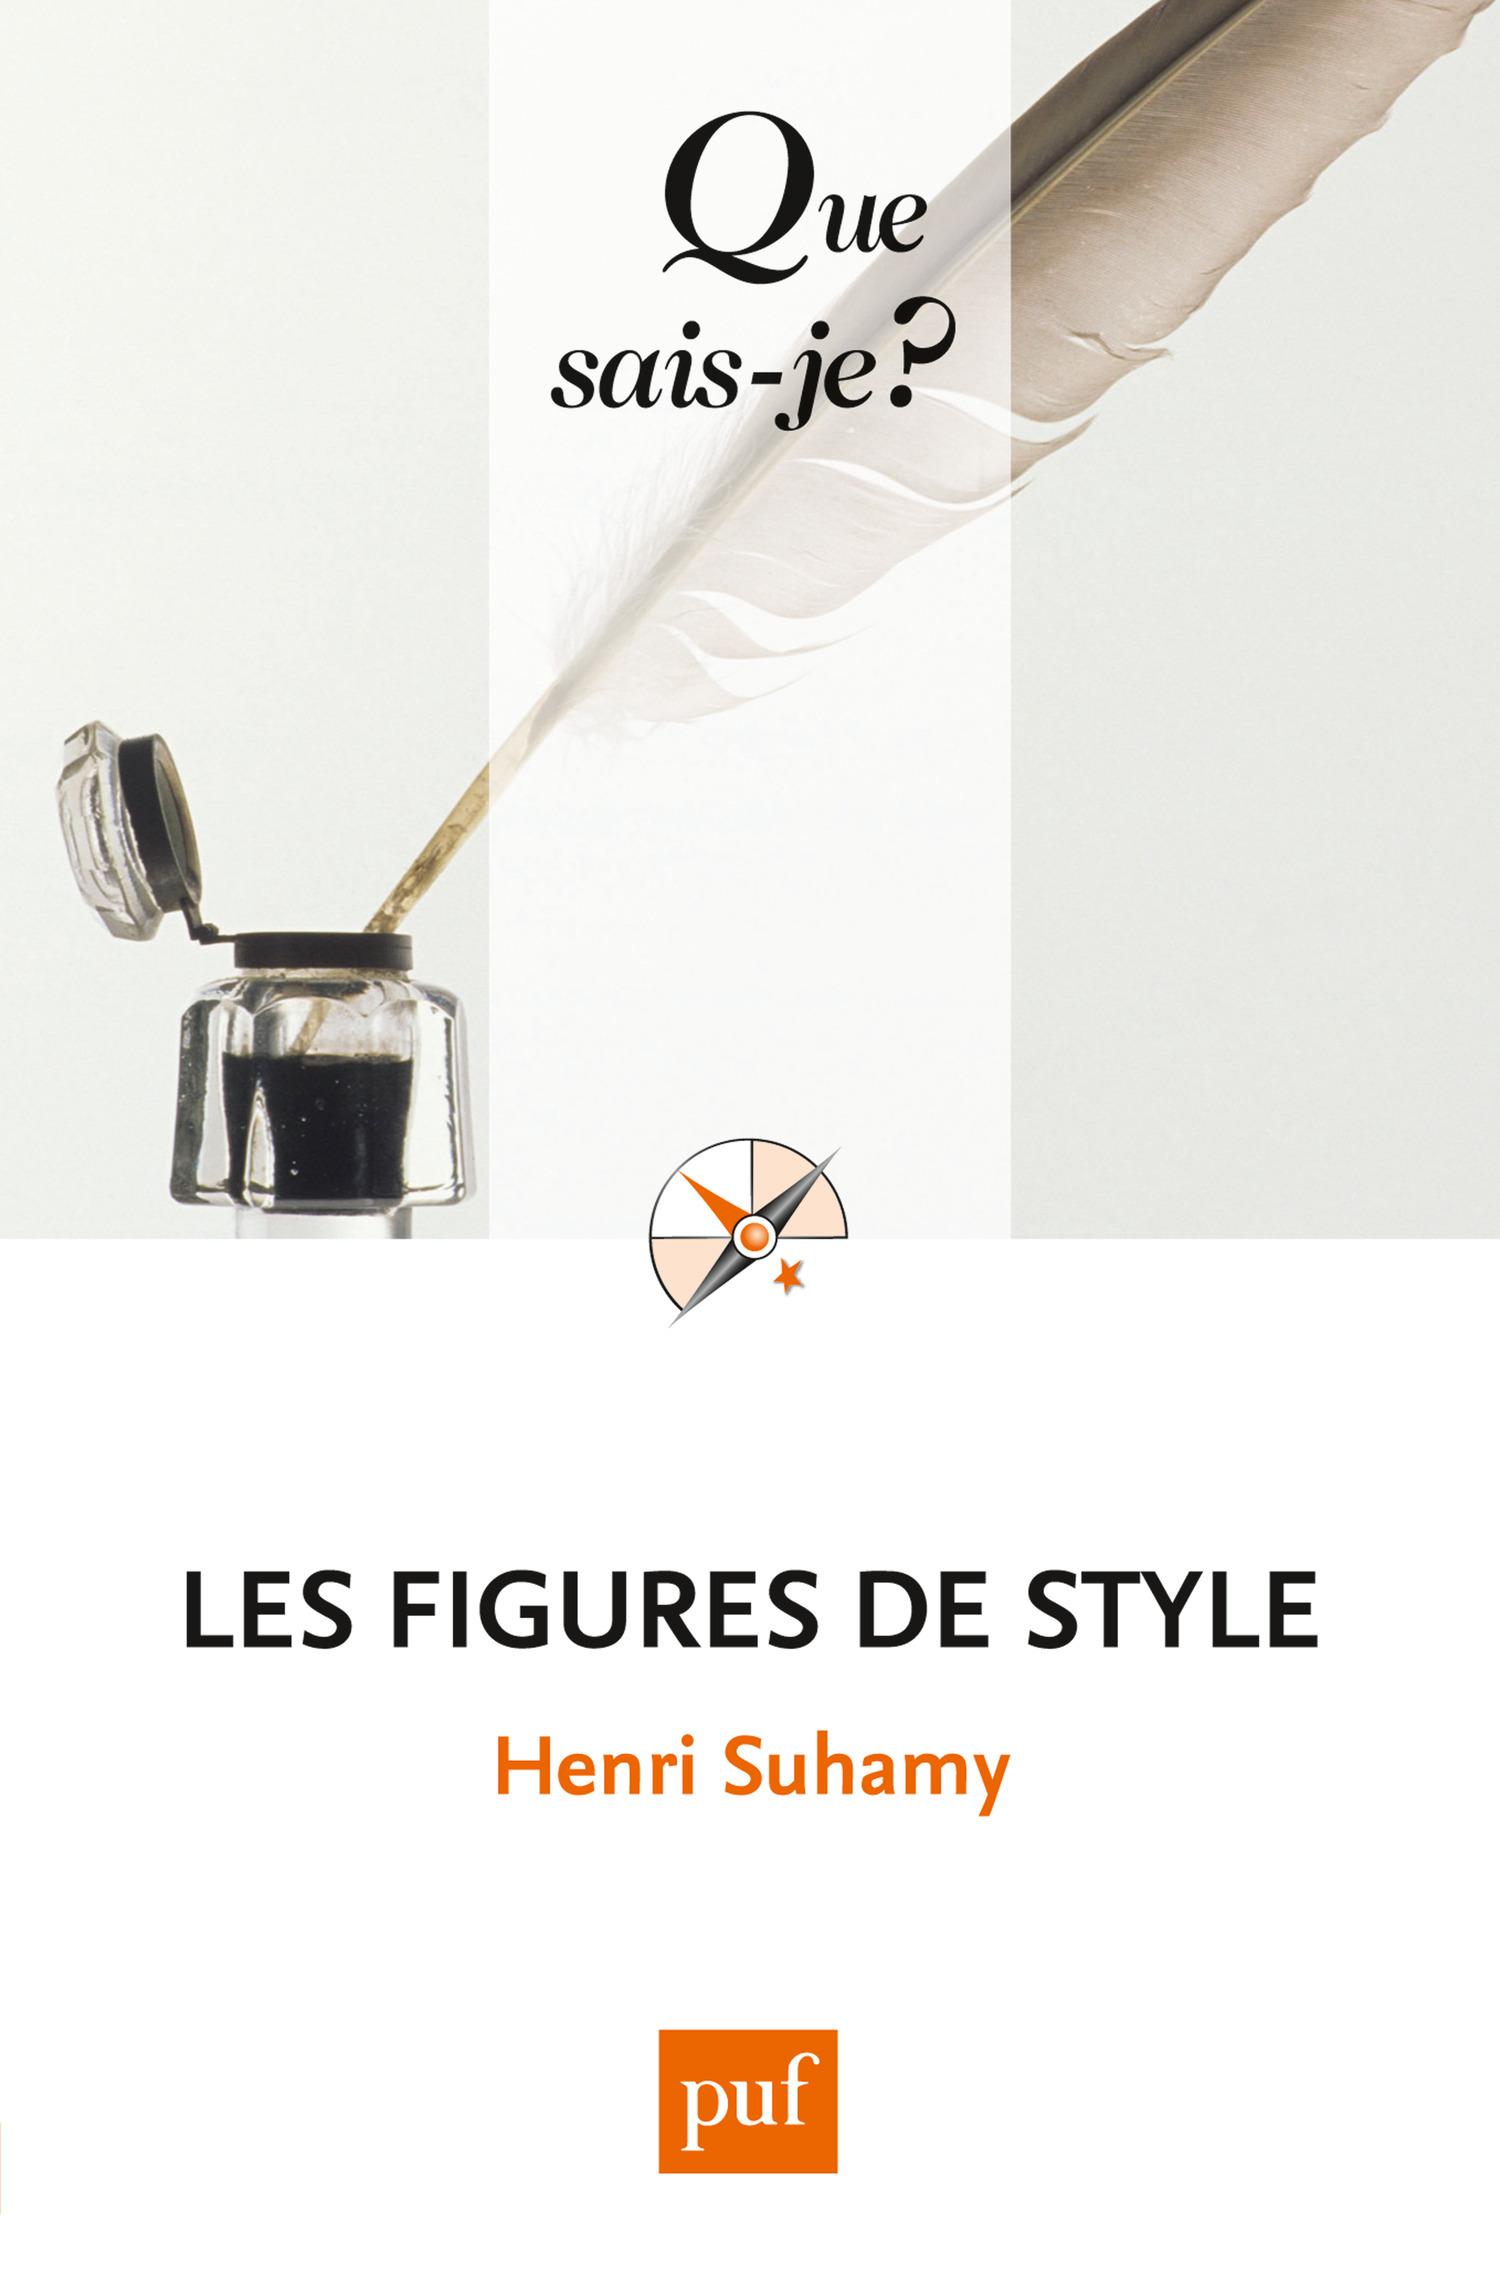 Henri Suhamy Les figures de style